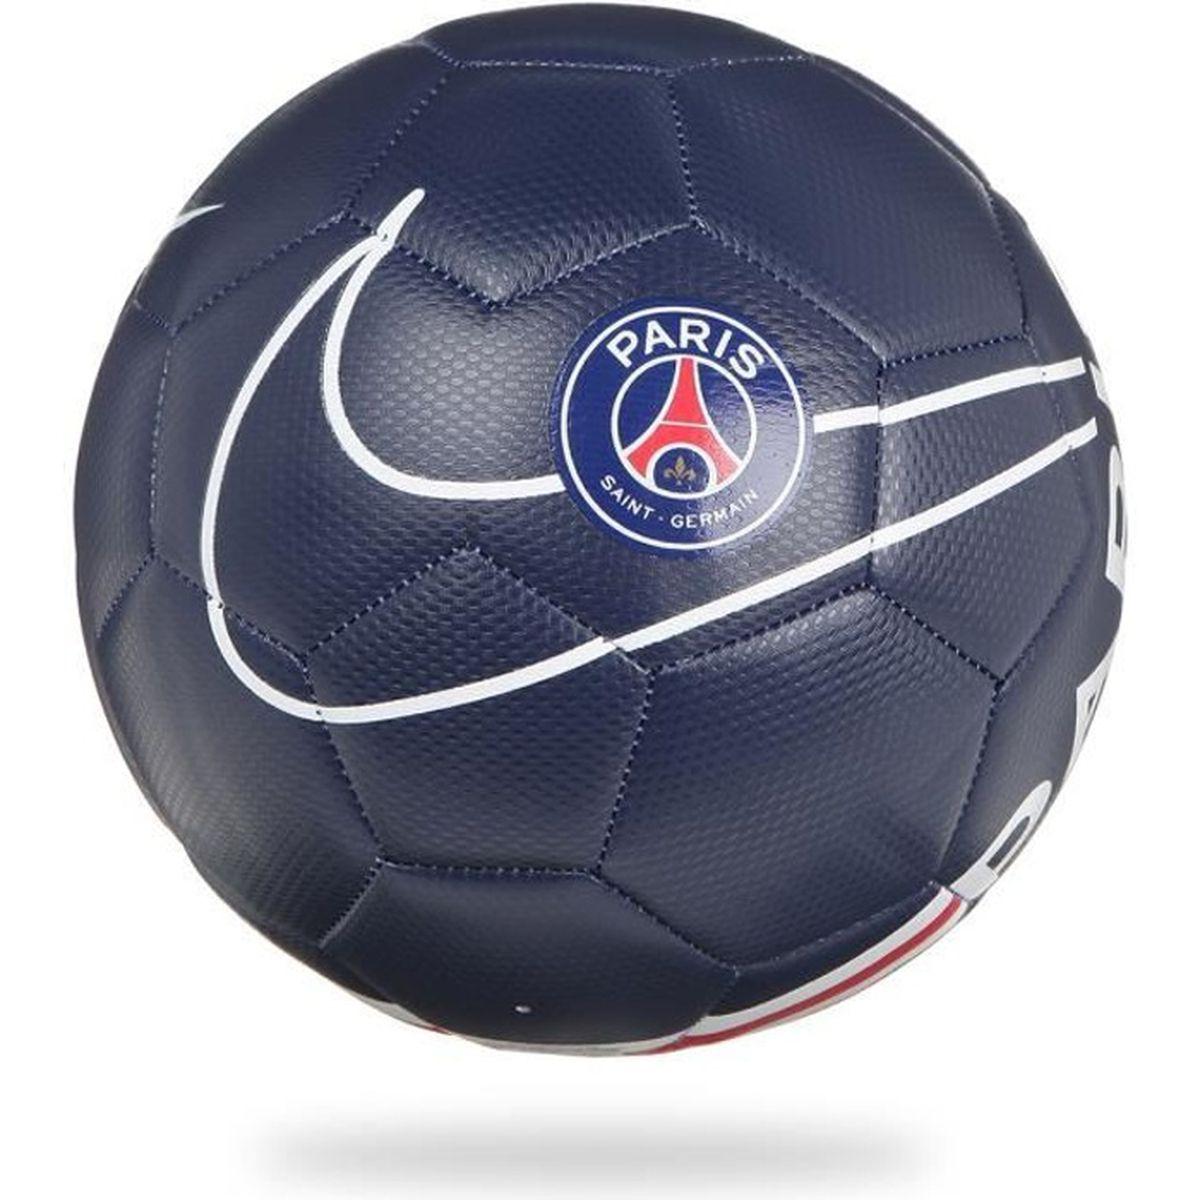 BALLON DE FOOTBALL NIKE Ballon de Football PSG Ball PRSTG 19